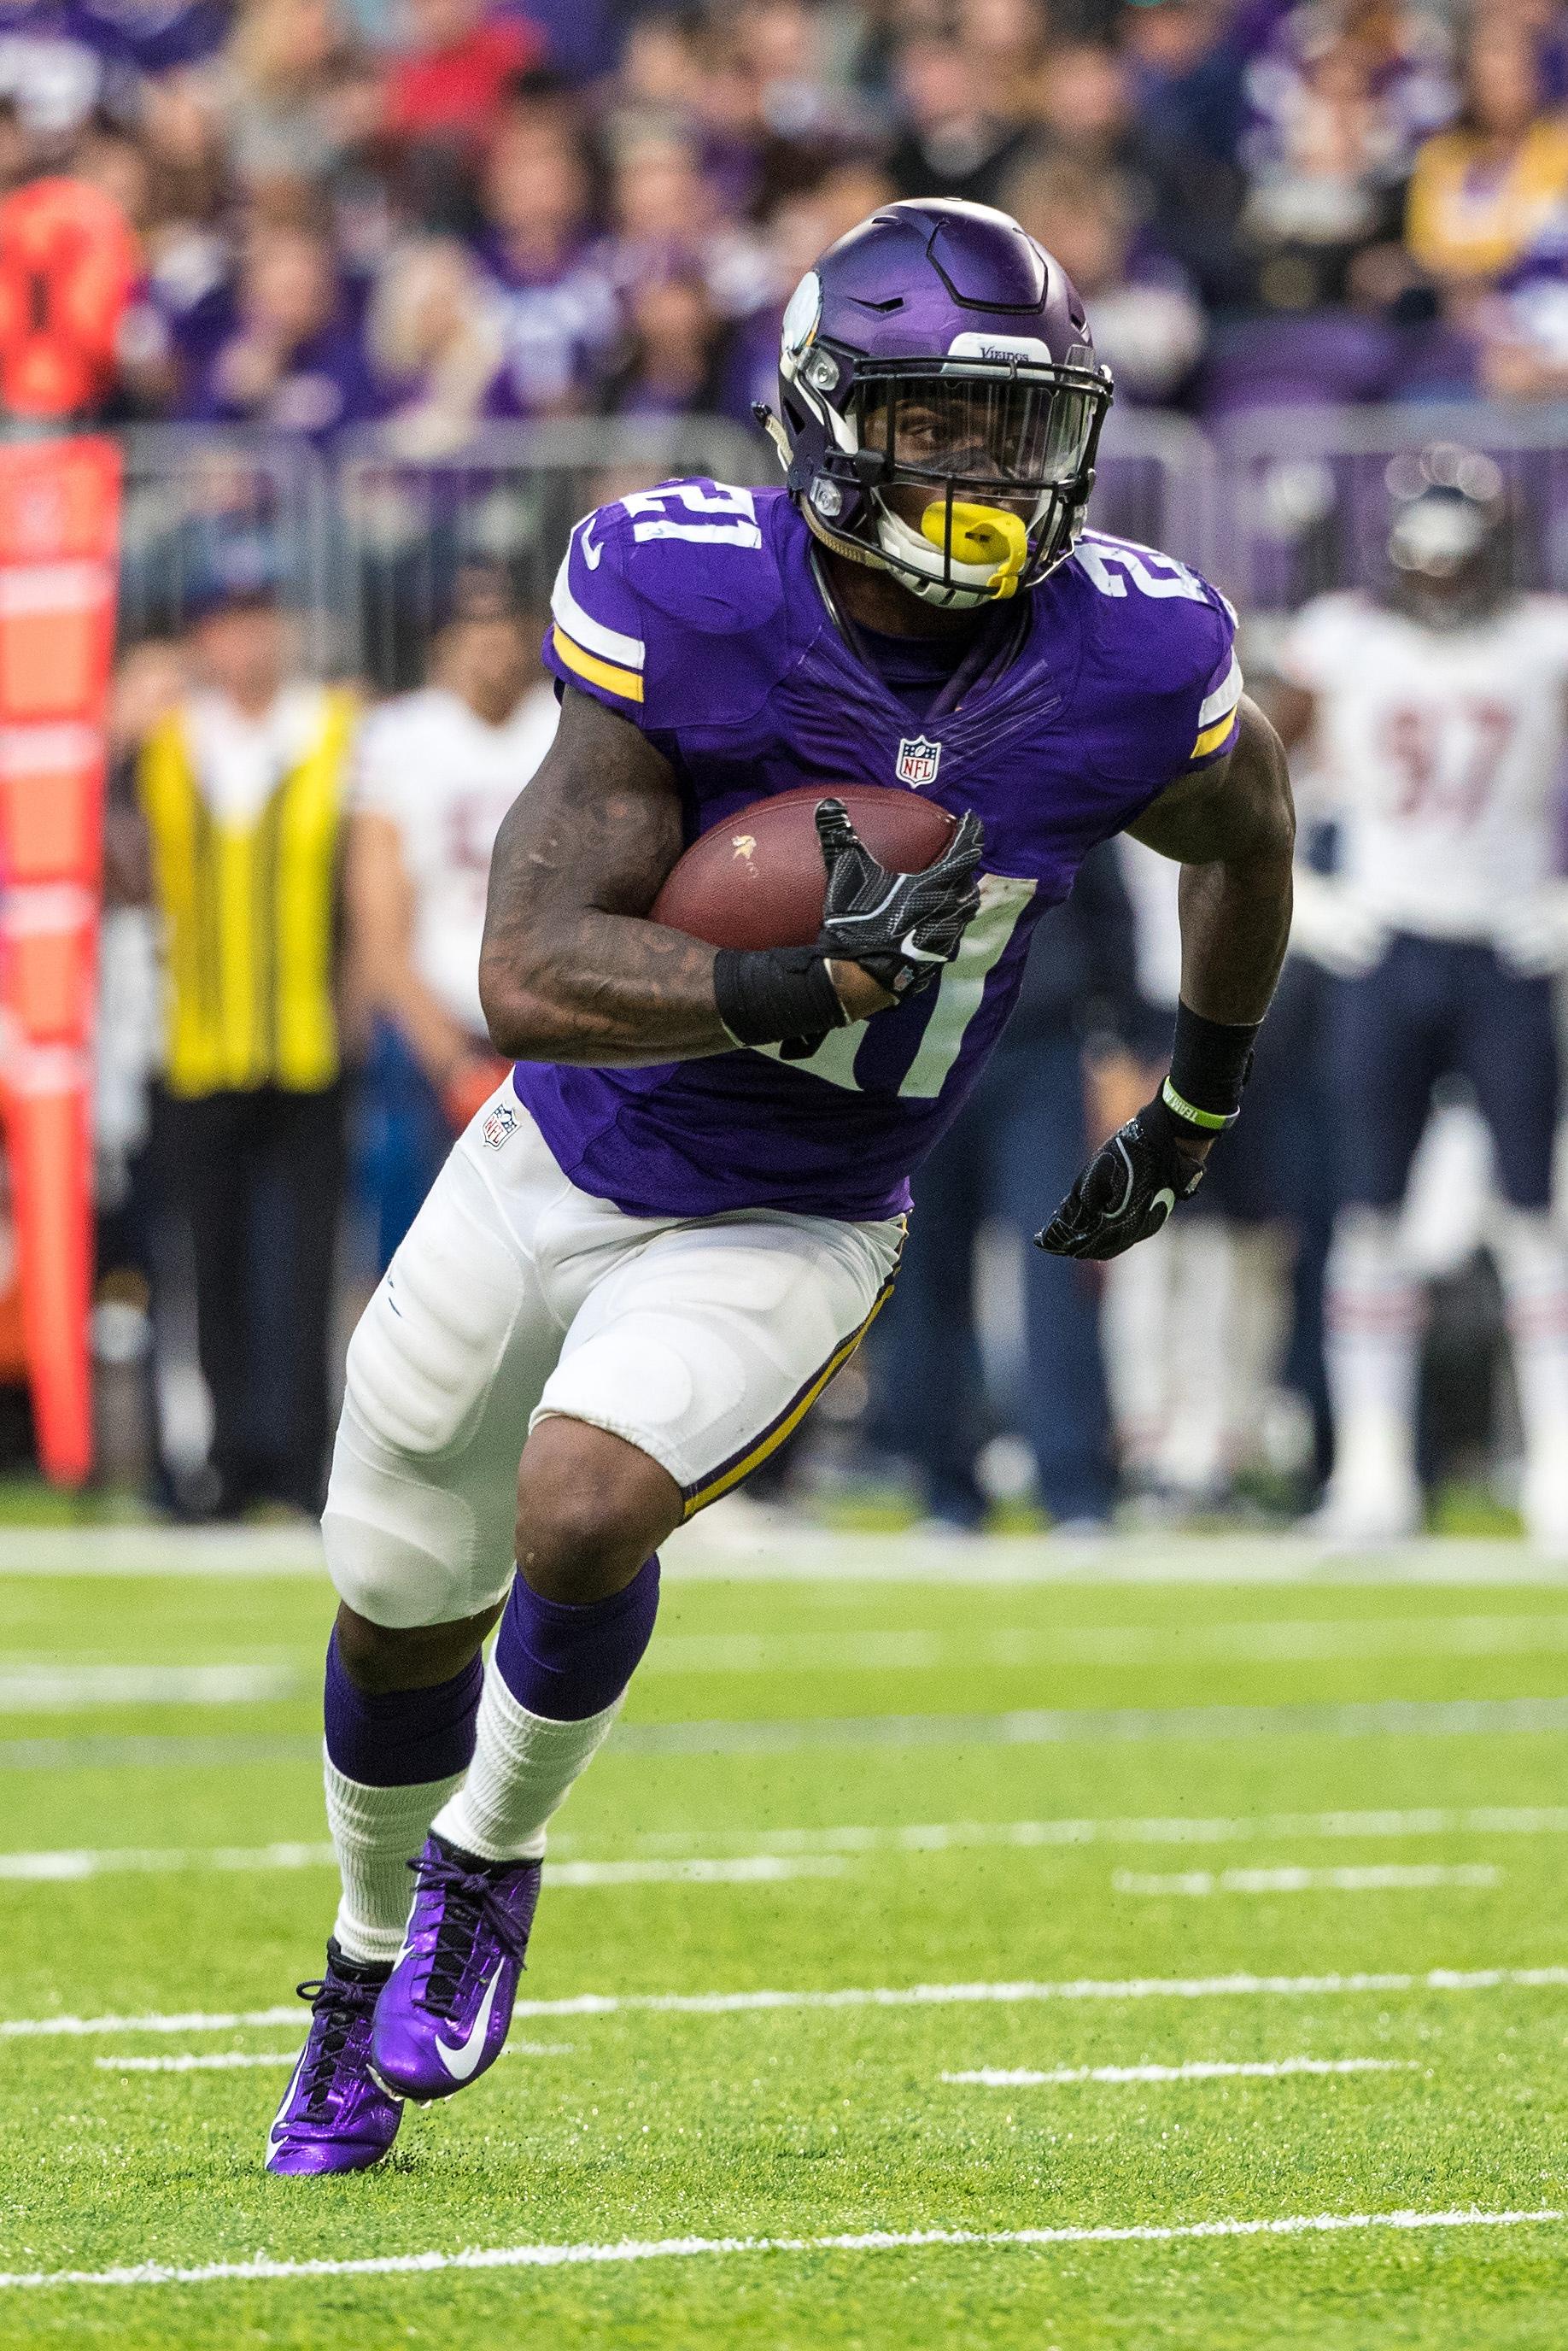 Minnesota Vikings 2017 NFL Draft